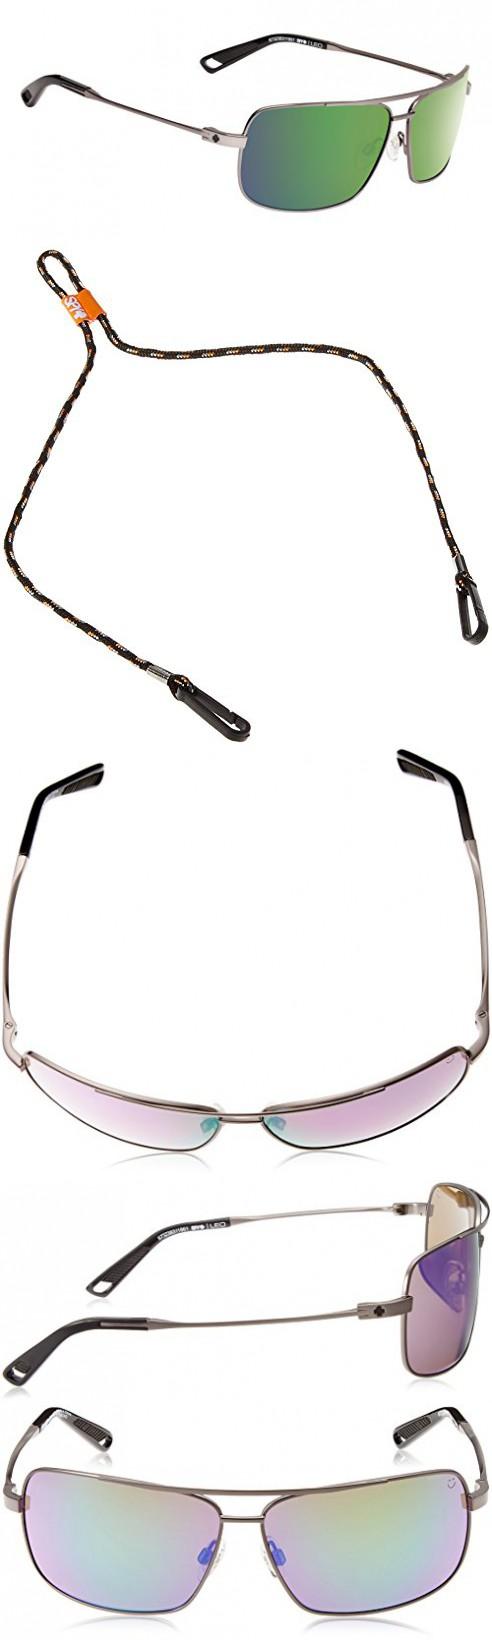 901b74d601827 Spy Optics Leo Aviator Sunglasses